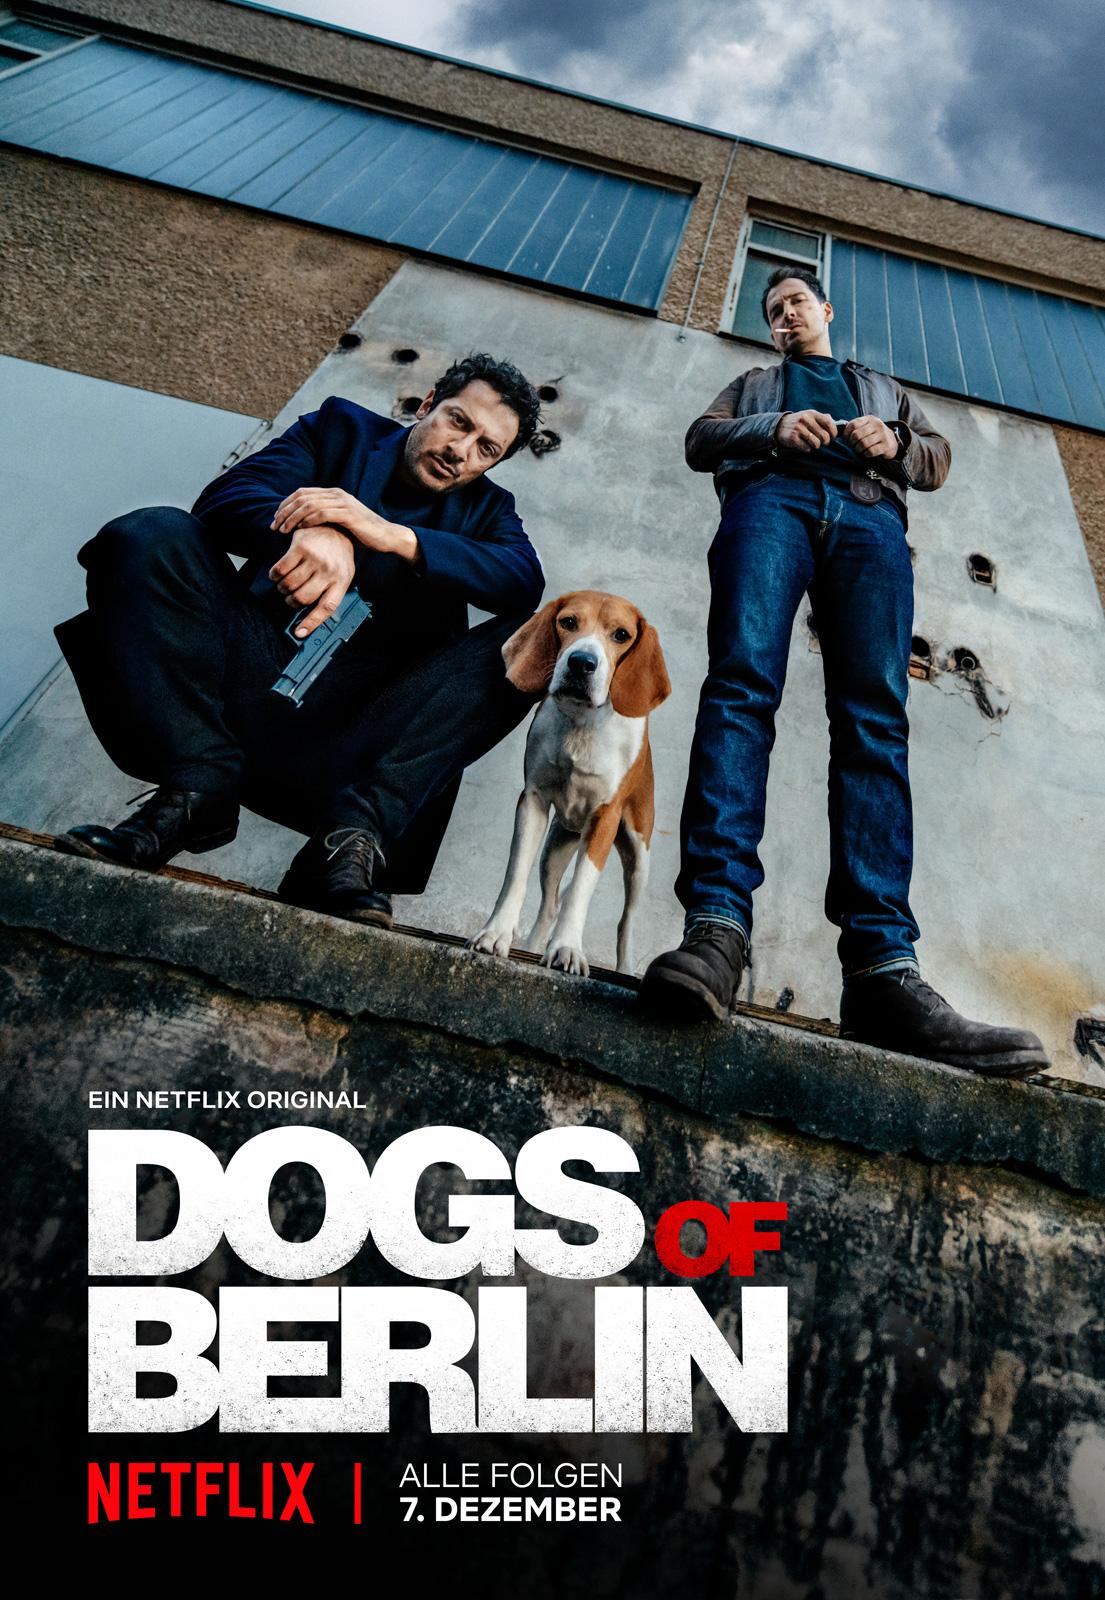 [心得] 柏林犬 Dogs of Berlin S01 (雷) Netflix 德國警匪劇